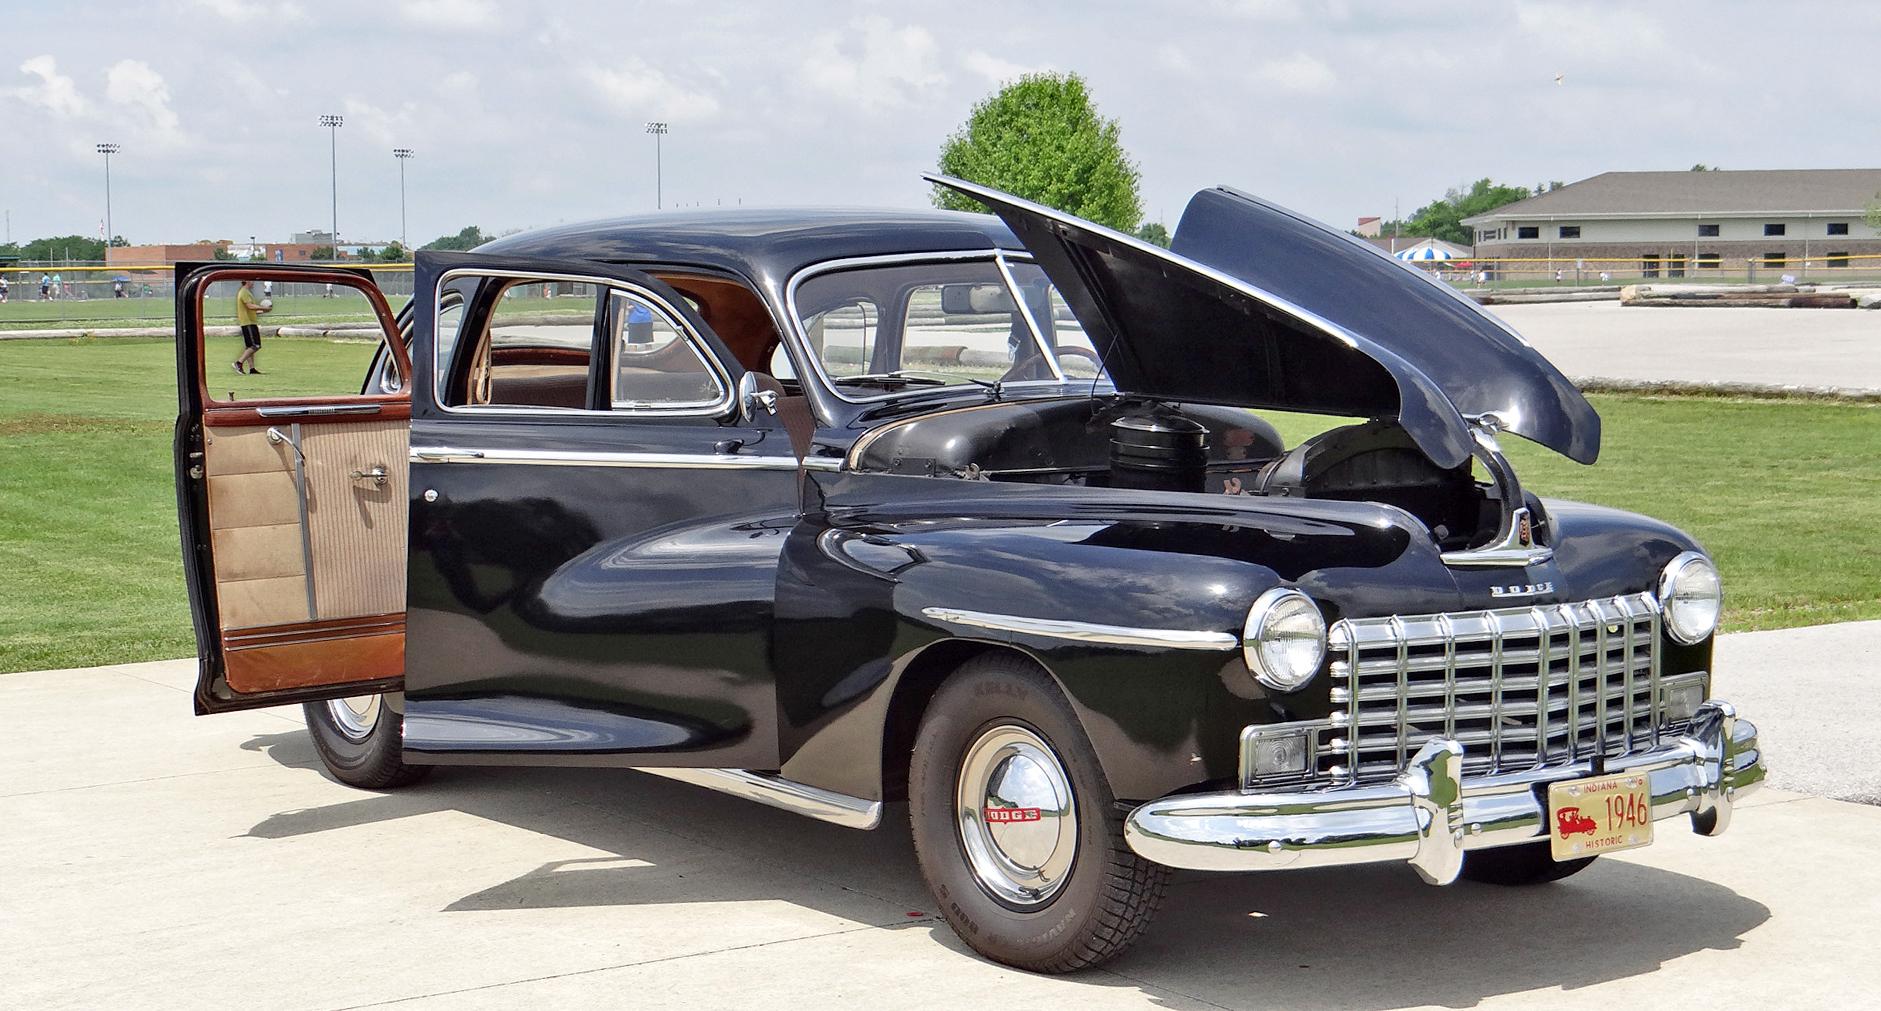 File1946 Dodge D24C 4-Door Sedan Suicide Doors u0026 Gullwing Hood 262. & File:1946 Dodge D24C 4-Door Sedan Suicide Doors u0026 Gullwing Hood ... pezcame.com